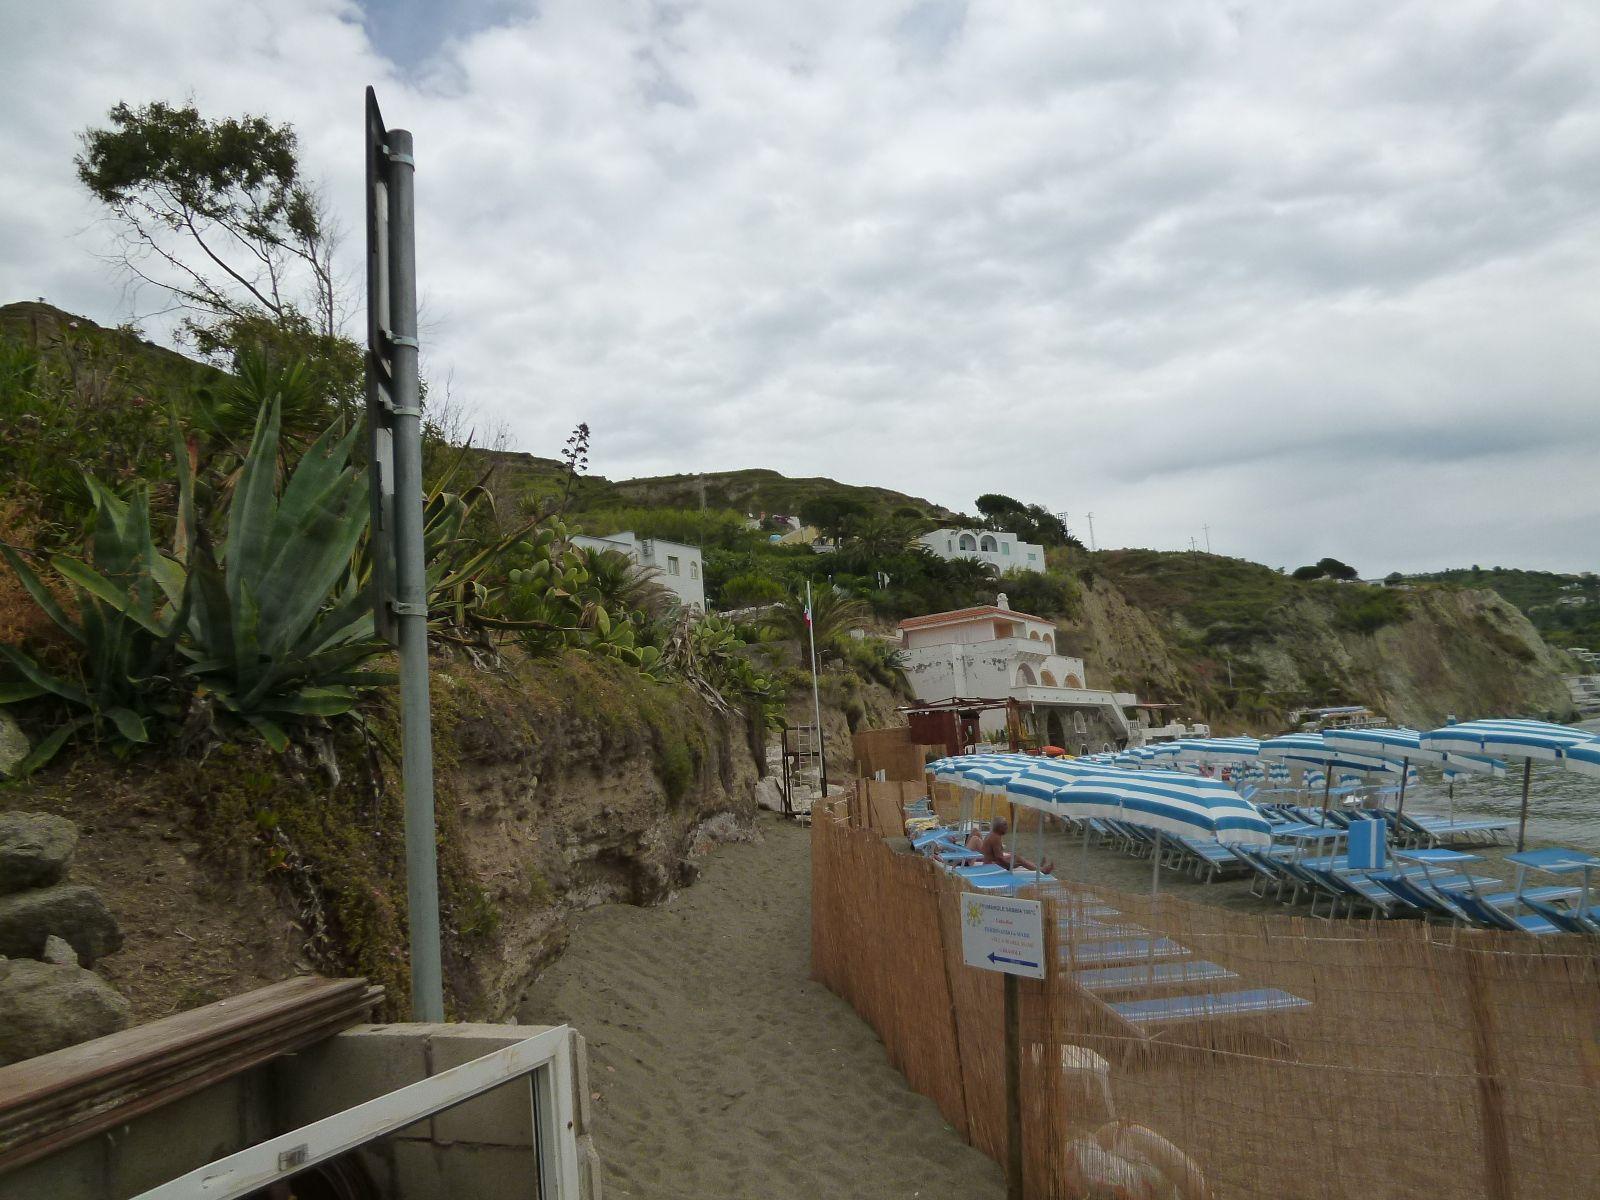 """Spiaggia, Giardini Termali di """"Miramare Sea Resort & Spa"""" (Hotel), Sant'Angelo, Isola Ischia Italia (Maggio)"""